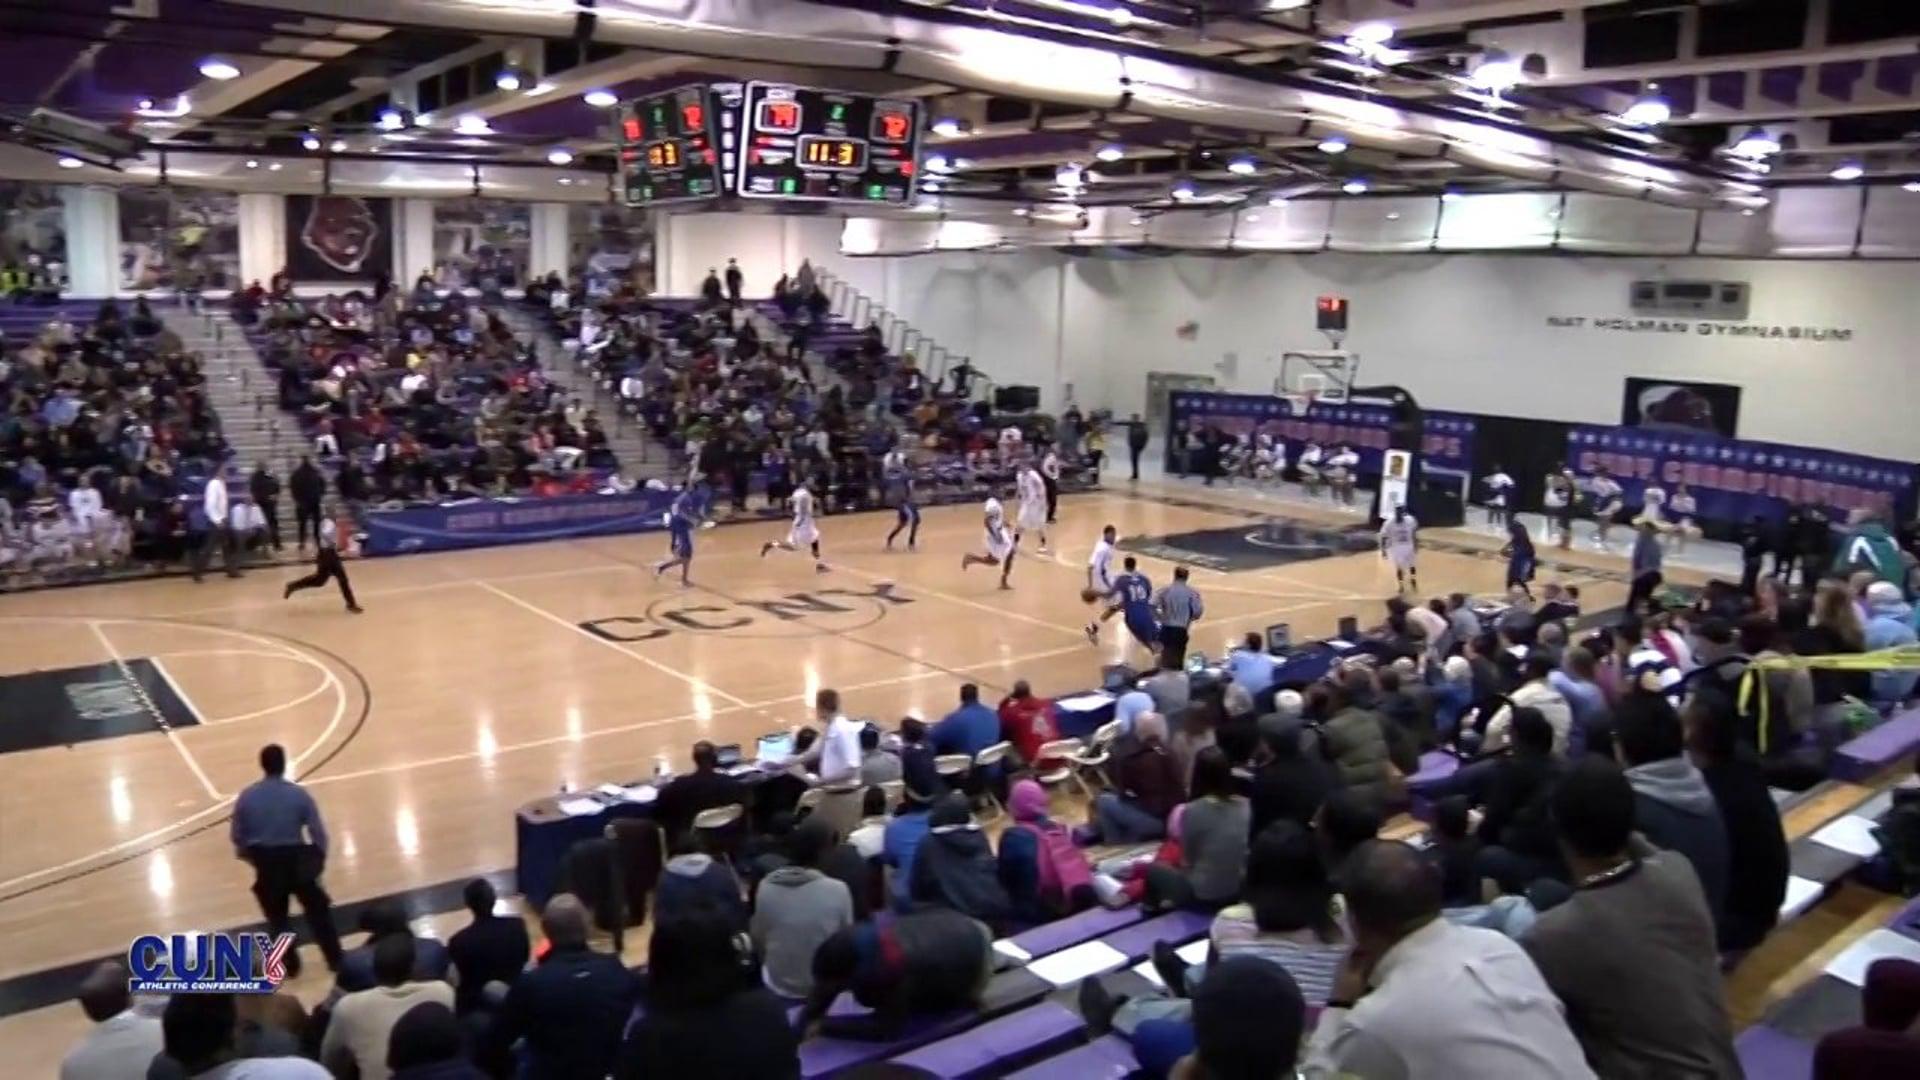 CUNYAC Basketball Highlights